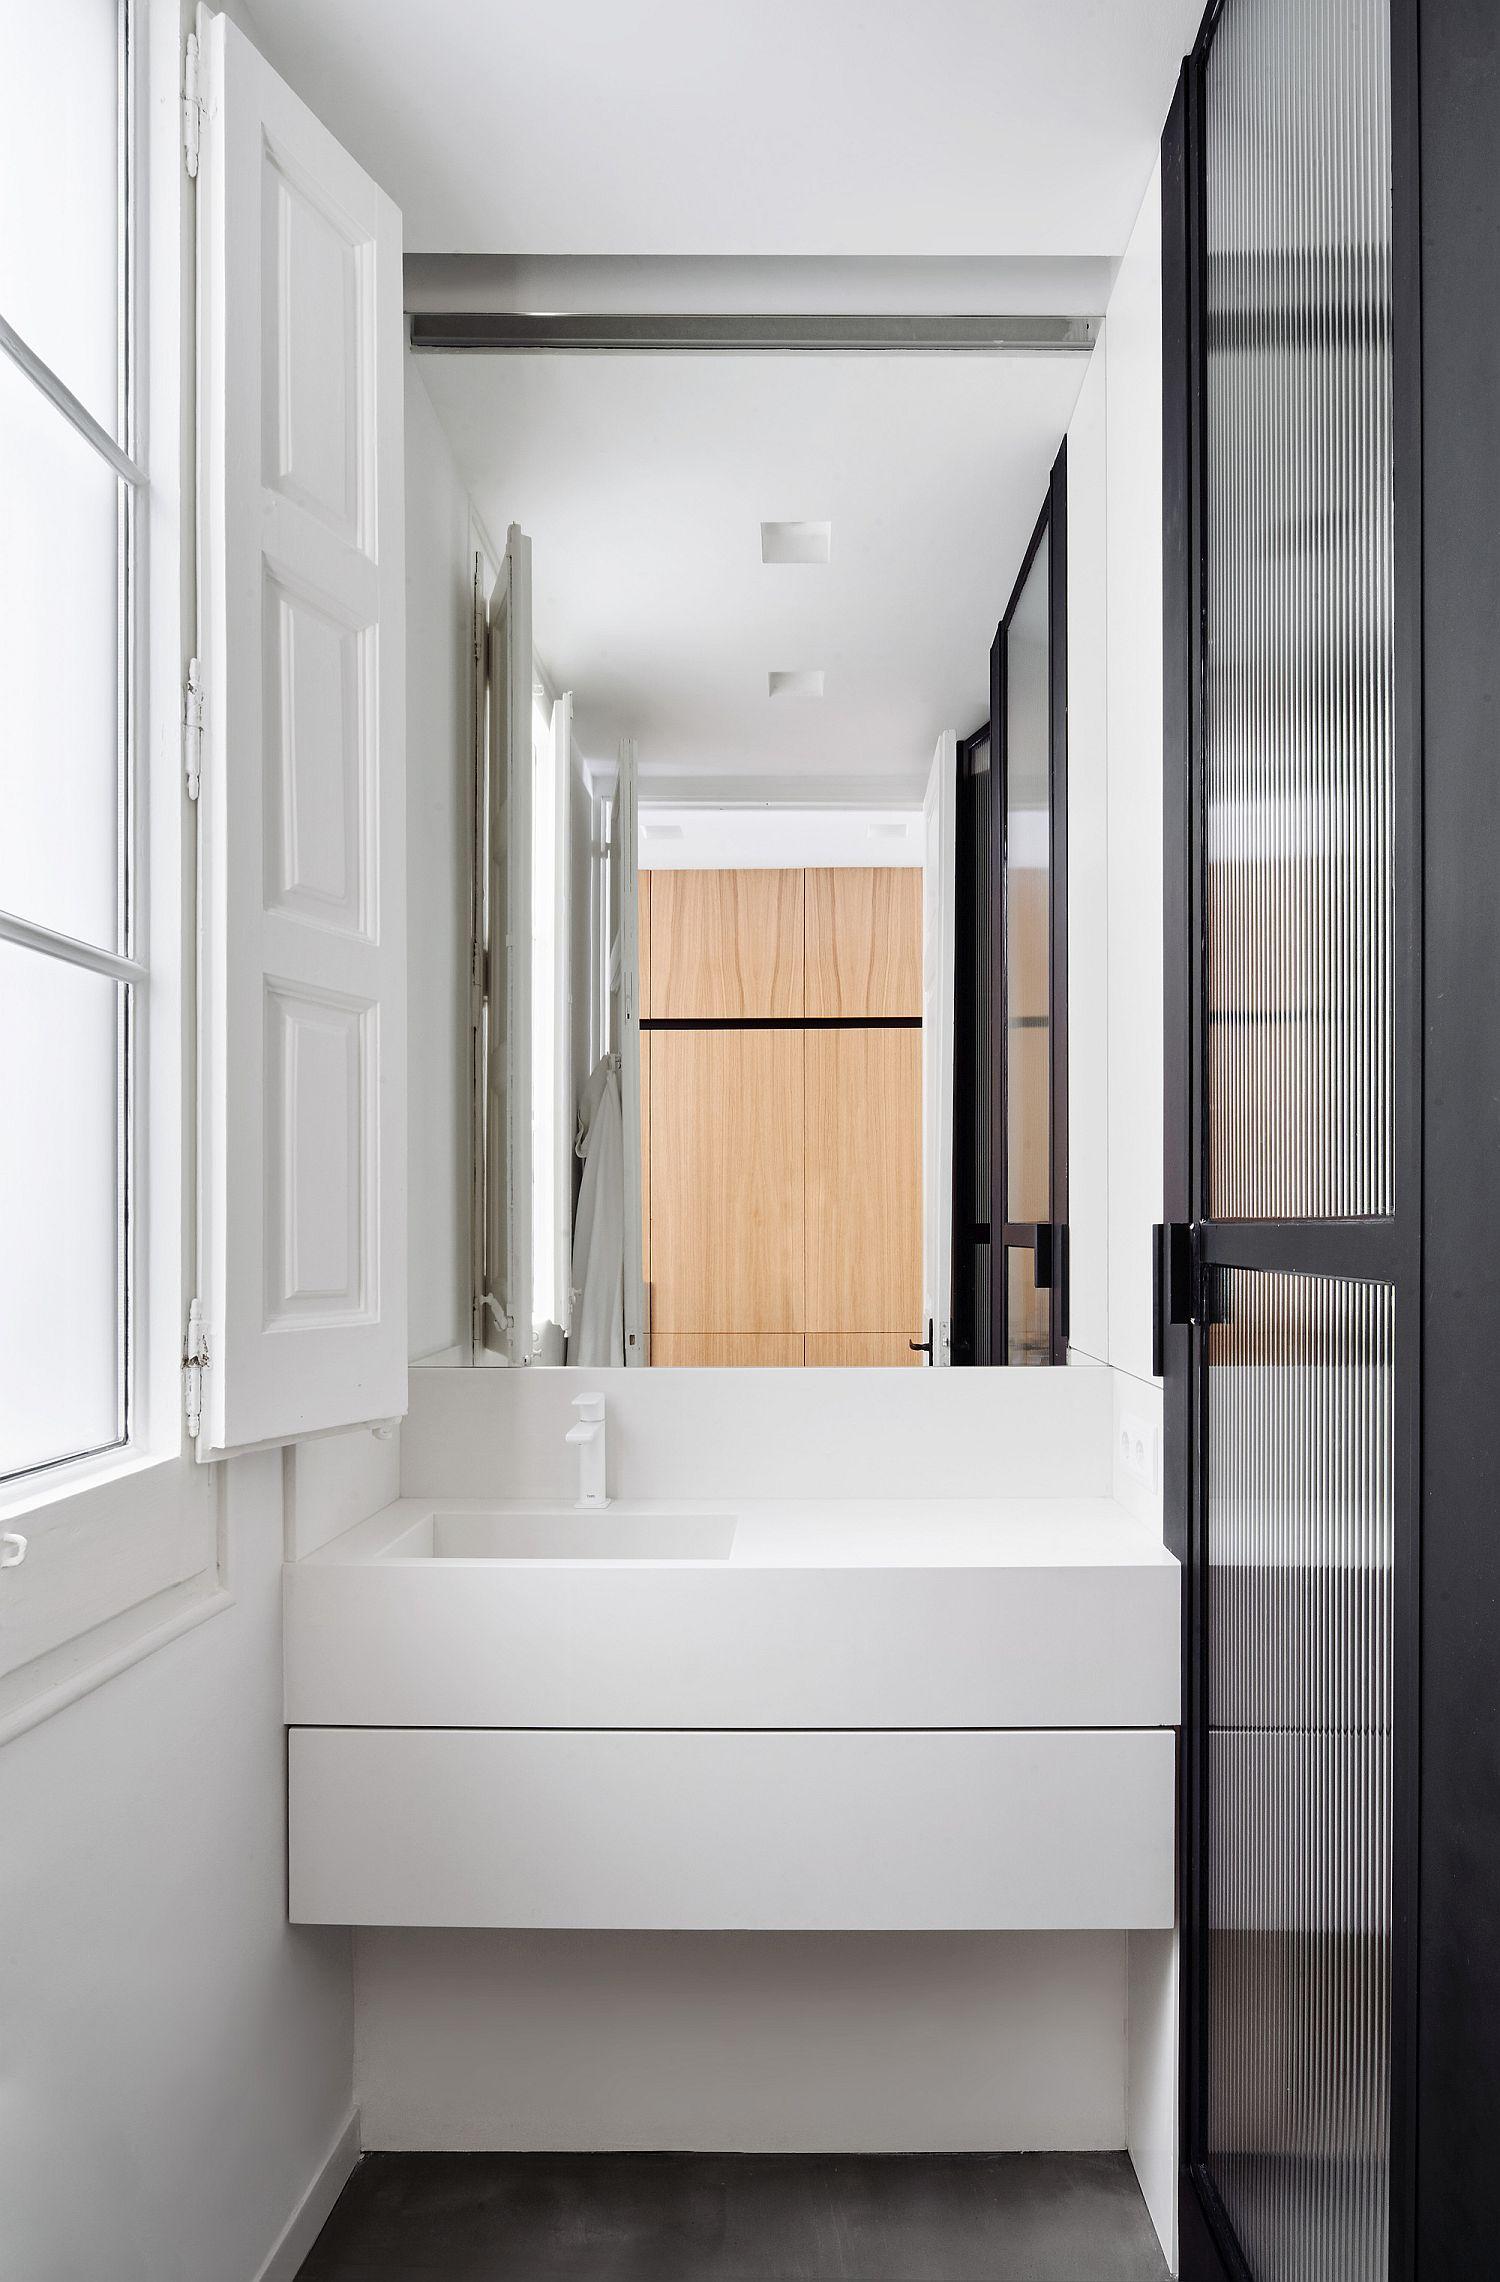 Small-contemporary-bathroom-in-white